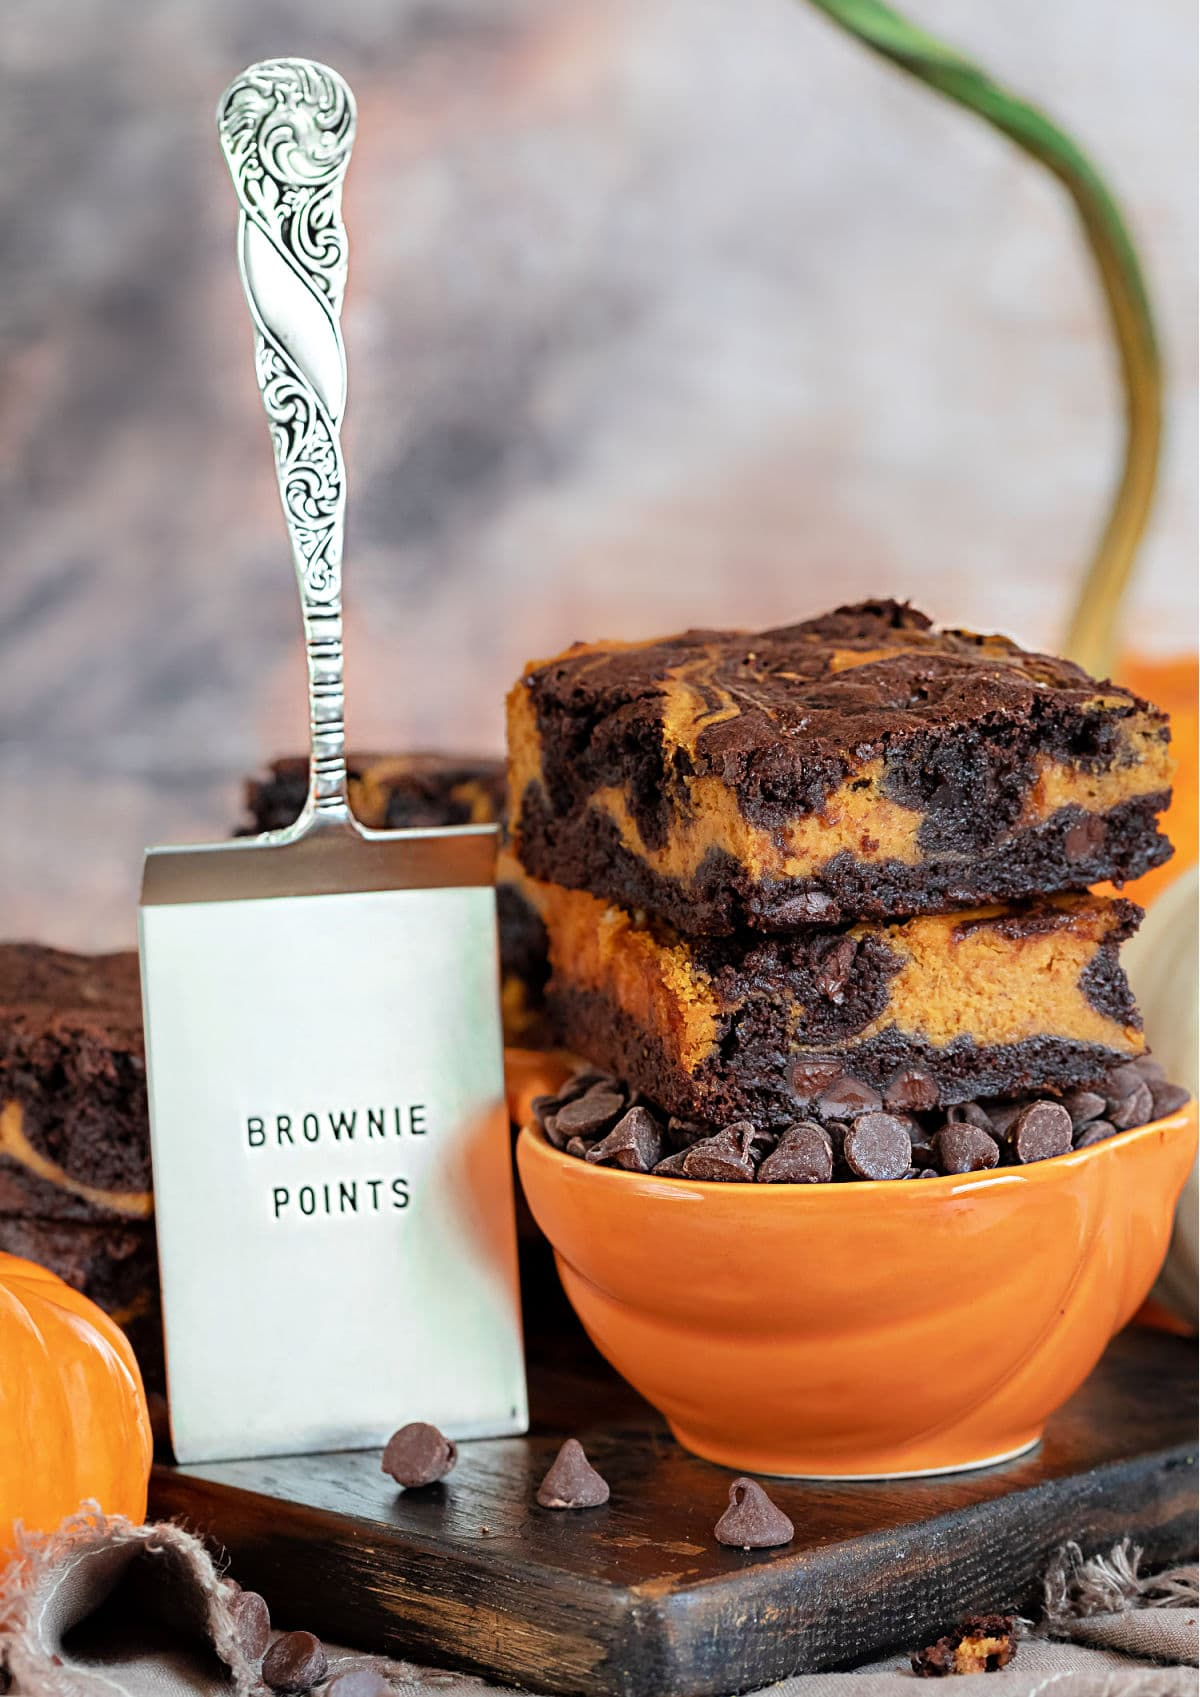 pumpkin cheesecake brownies siedzące na pomarańczowej misce wypełnionej wiórkami czekoladowymi z serwerem brownie po lewej stronie